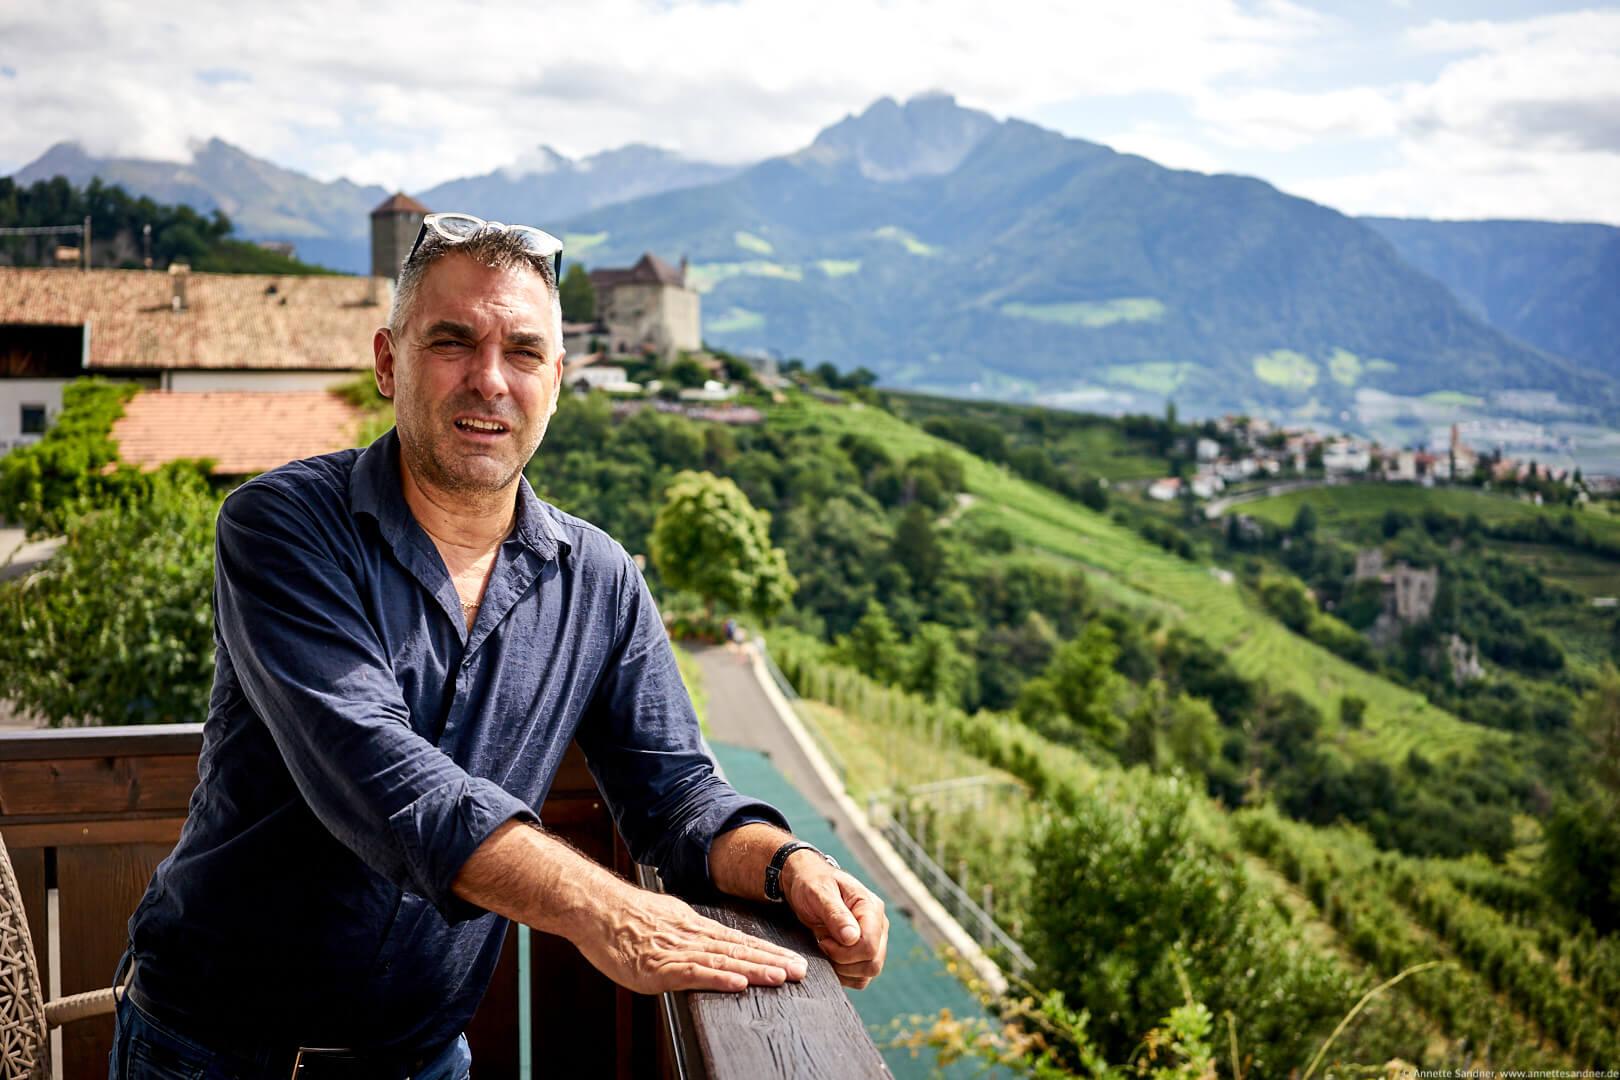 Gastgeber Peter Schöpf im Hotel Kronsbühel, Dorf Tirol, Meran, Südtirol